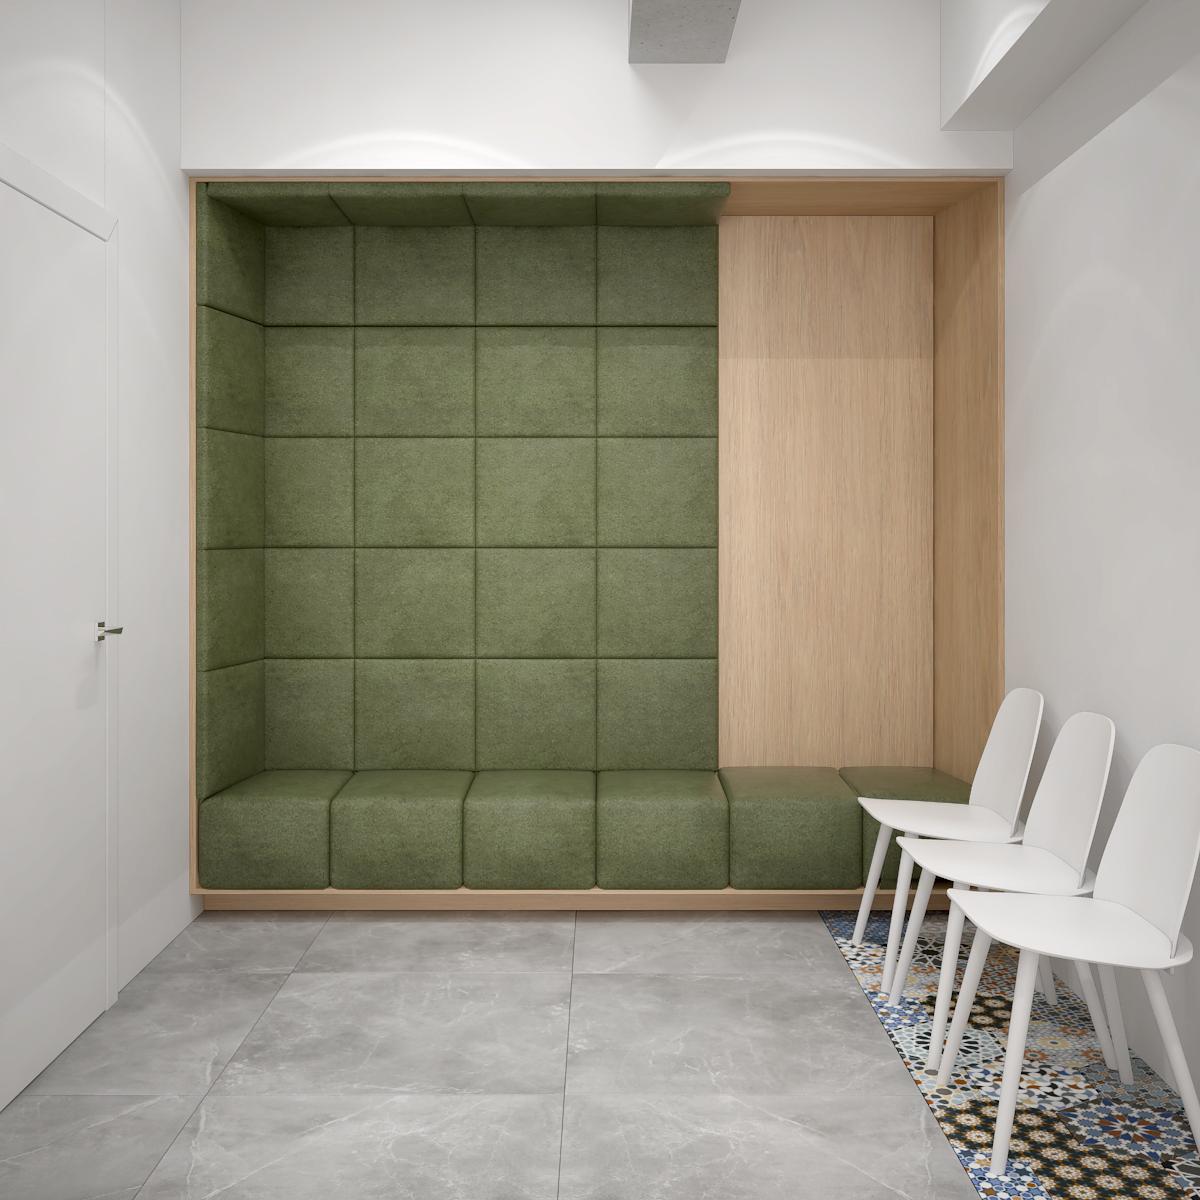 4 projektowanie wnetrz K098 optyk Strozik Lubliniec poczekalnia tapicerowane zielone siedzisko szare plytki